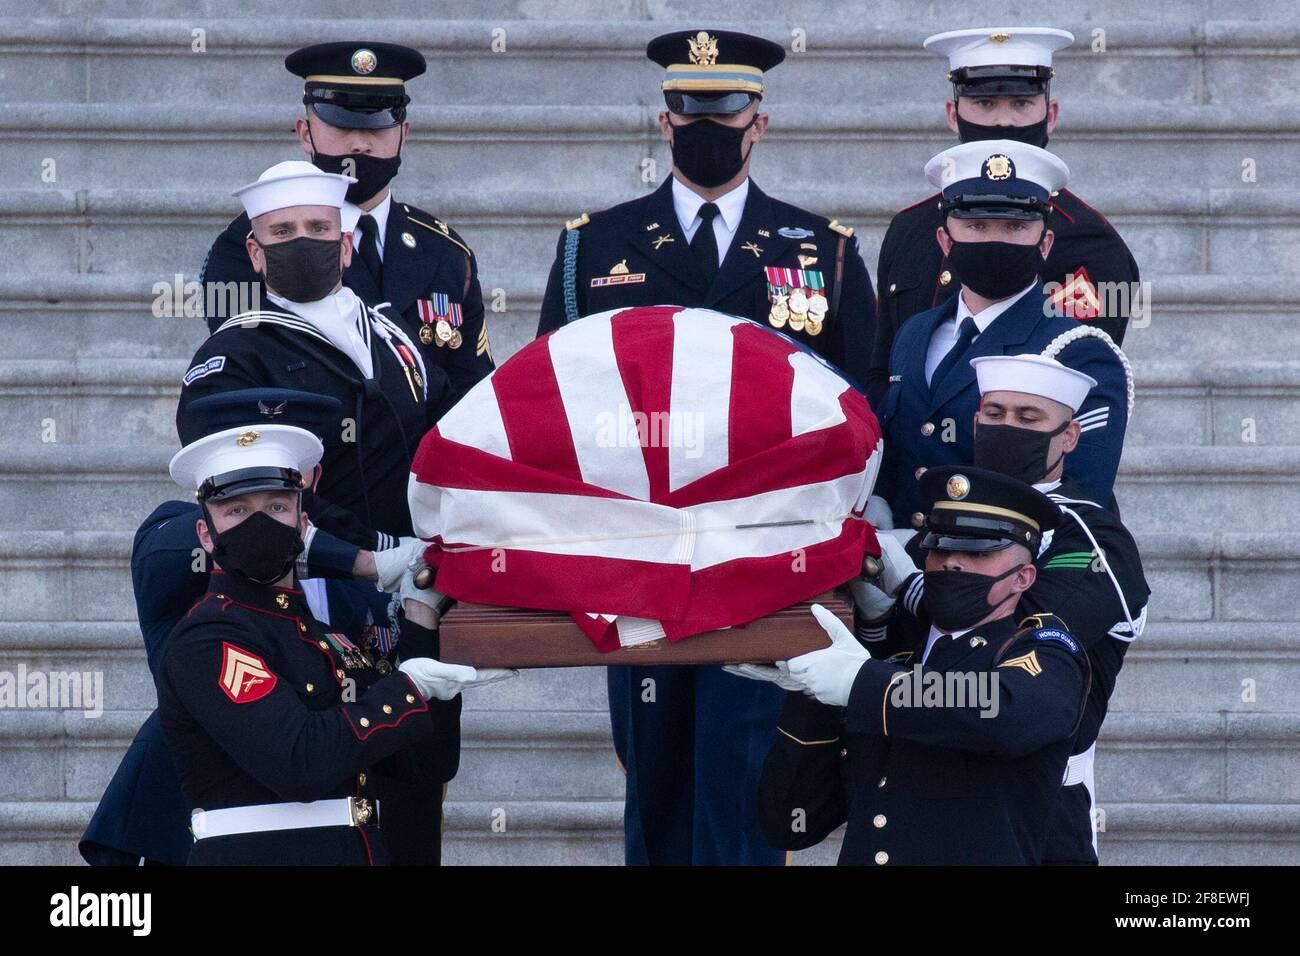 Le rôle de William Evans, officier de police du Capitole des États-Unis, est porté par un garde-honneur de service conjoint sur les marches du Front est du Capitole des États-Unis après avoir été couché en honneur dans la Rotunda du Capitole, à Washington, DC, États-Unis, le 13 avril 2021. Une cérémonie d'hommage et de mensonge en honneur a eu lieu pour l'officier Evans, qui a été tué et un autre officier blessé dans l'exercice de ses fonctions lorsqu'un suspect a percuté un véhicule à l'entrée nord du Capitole, le 02 avril. Photo de Michael Reynolds/Pool/ABACAPRESS.COM Banque D'Images